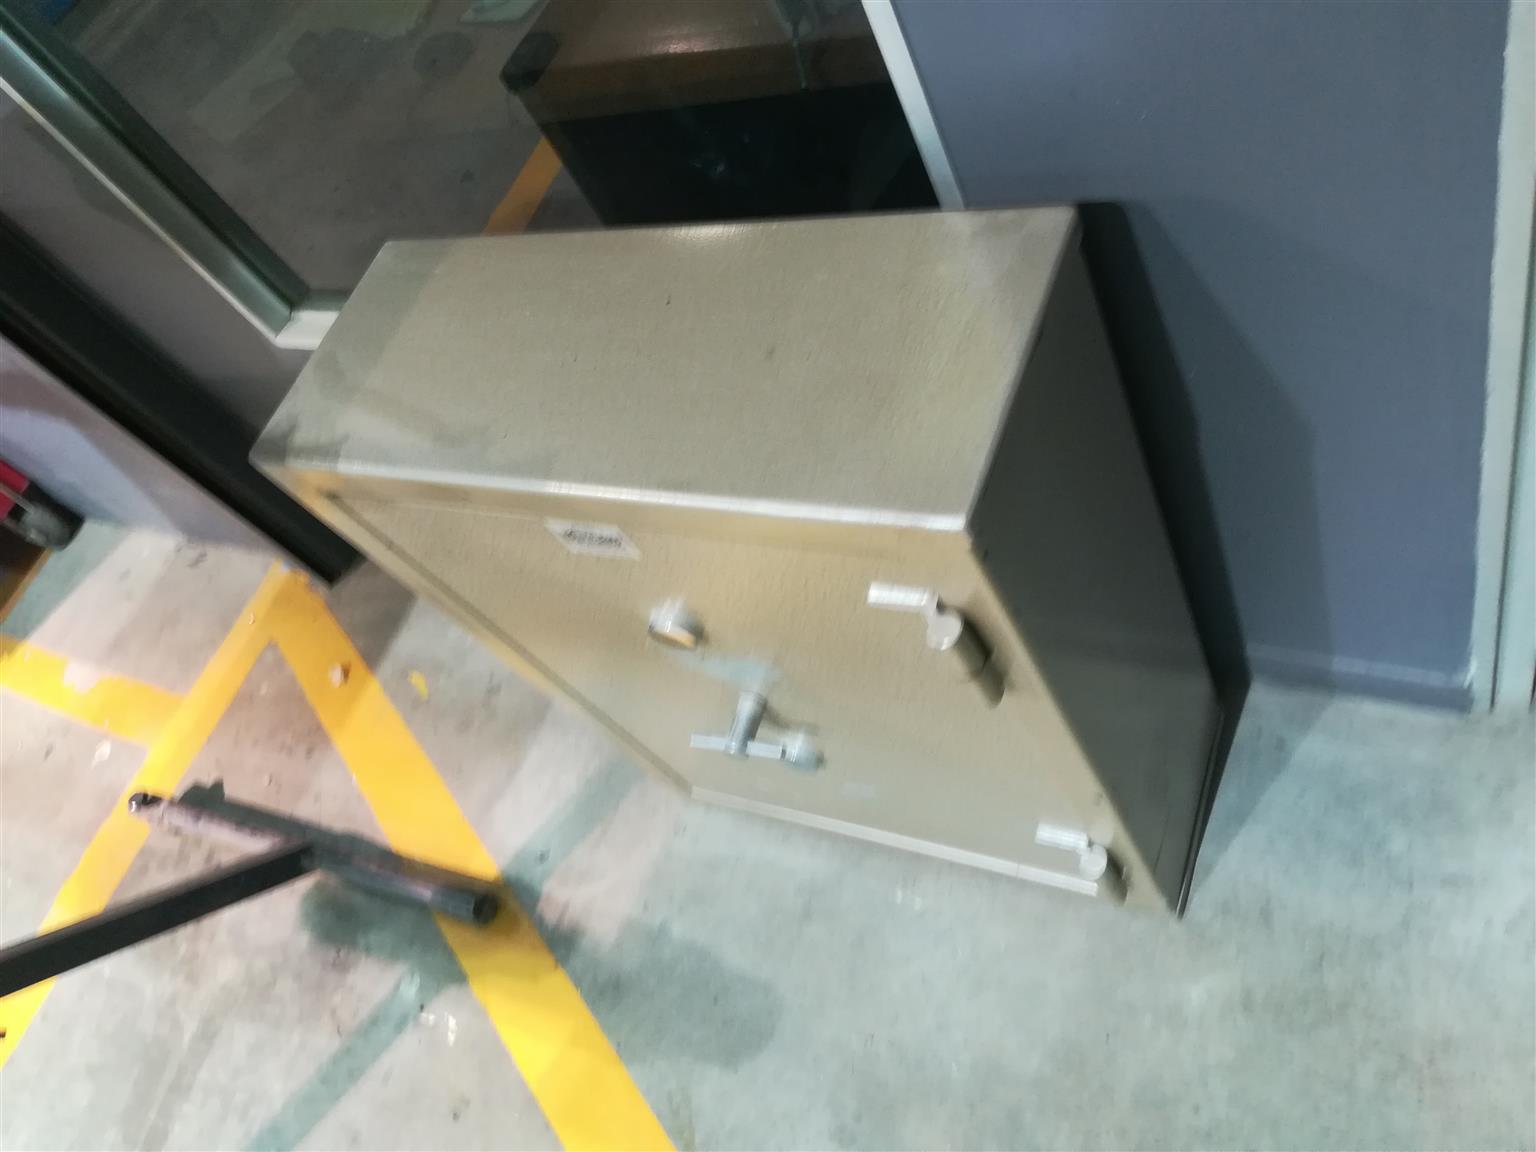 4 x safes